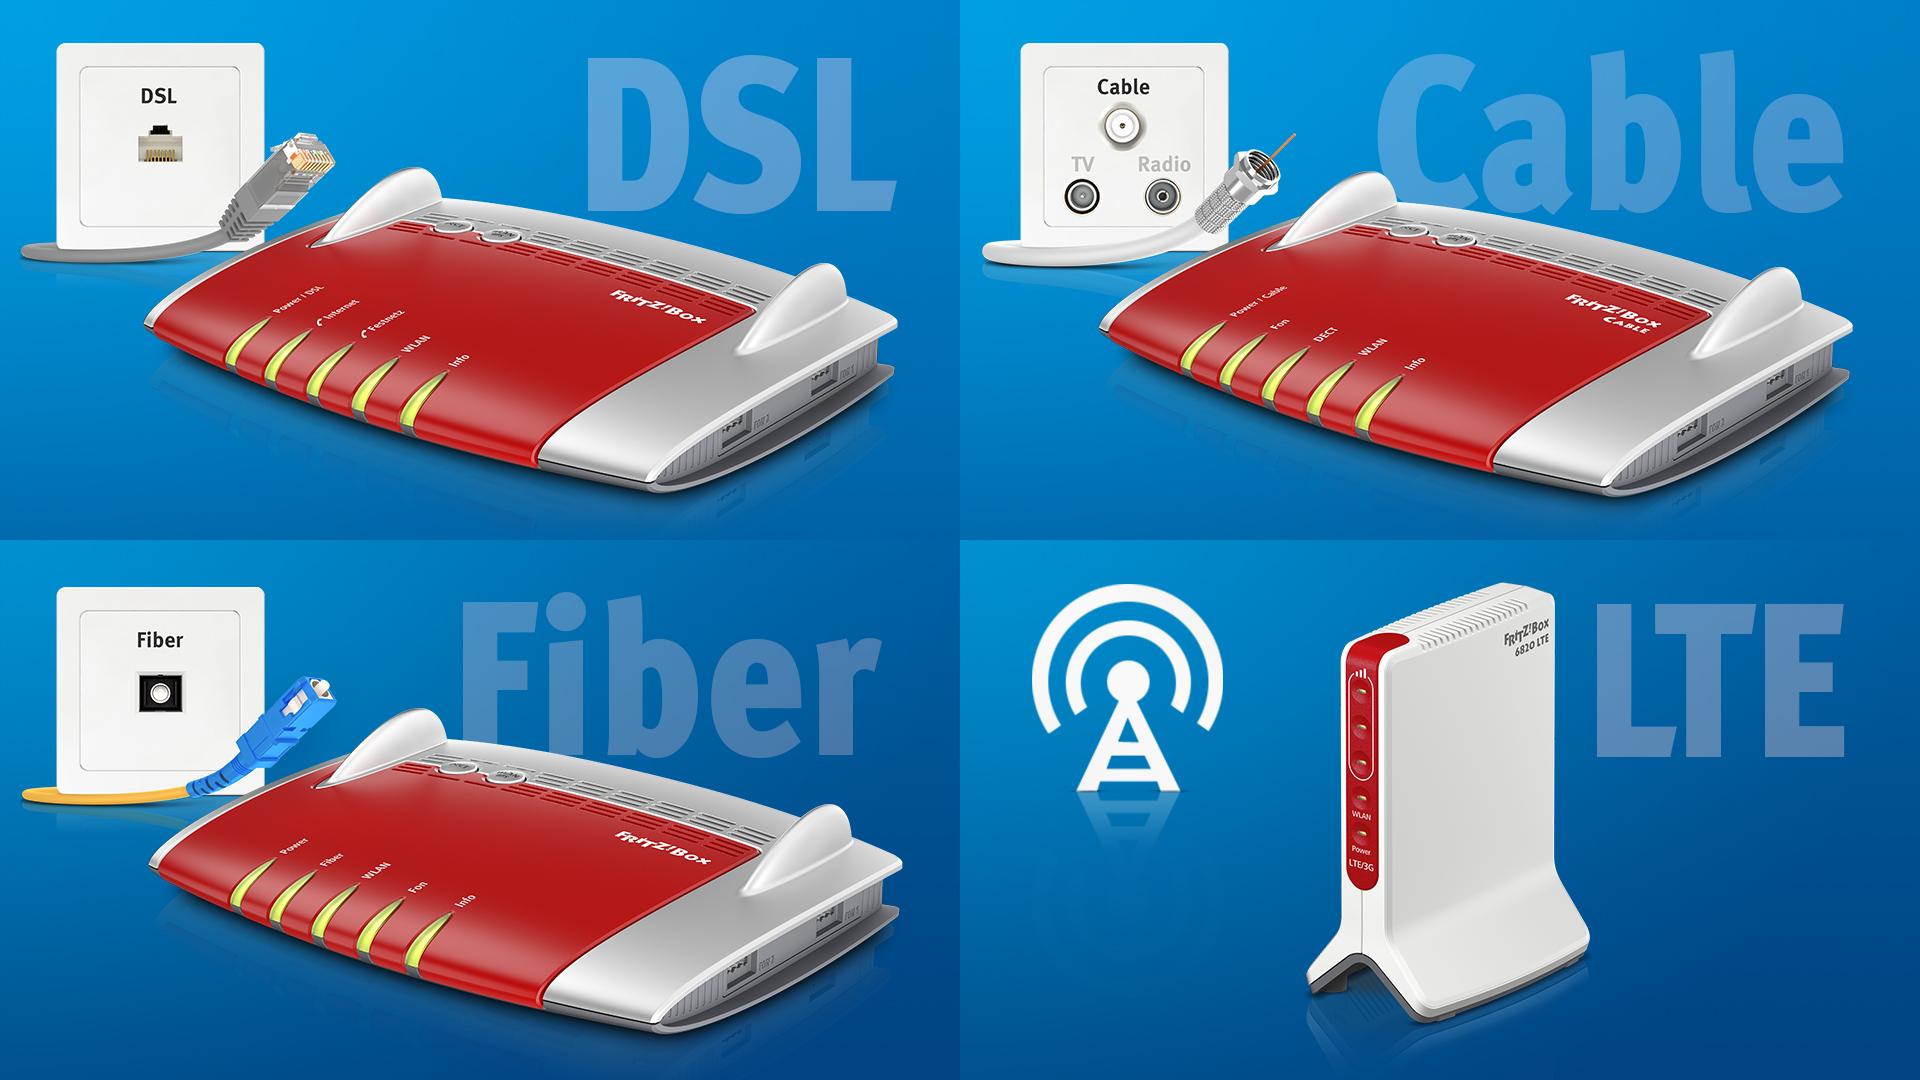 fritz box modelle f r jede breitbandtechnologie dsl kabel glasfaser und lte intelligentes. Black Bedroom Furniture Sets. Home Design Ideas